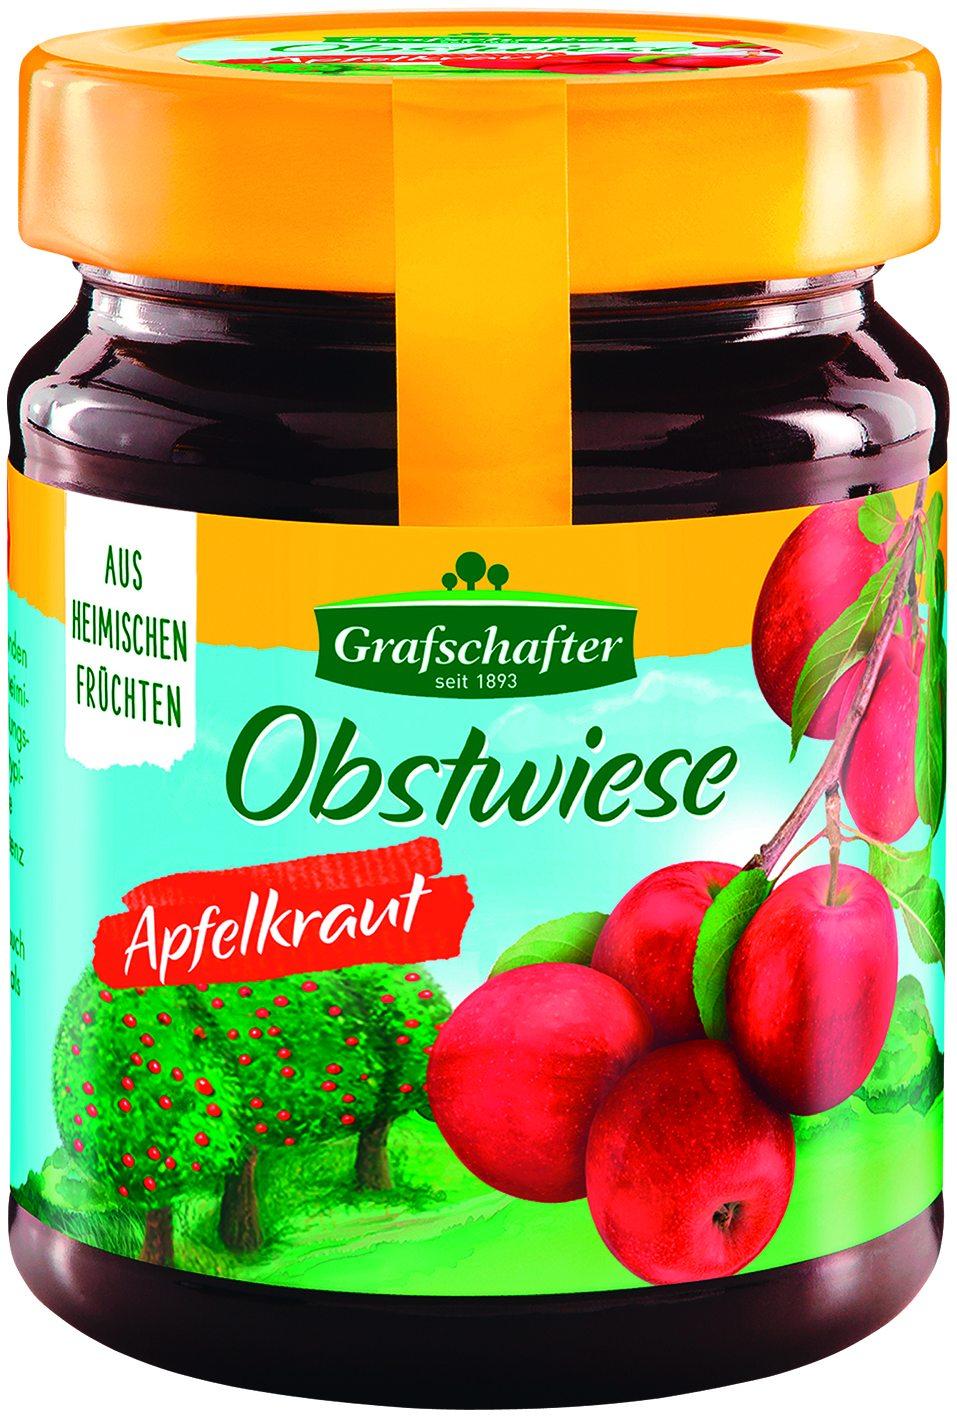 Rheinisches Apfelkraut